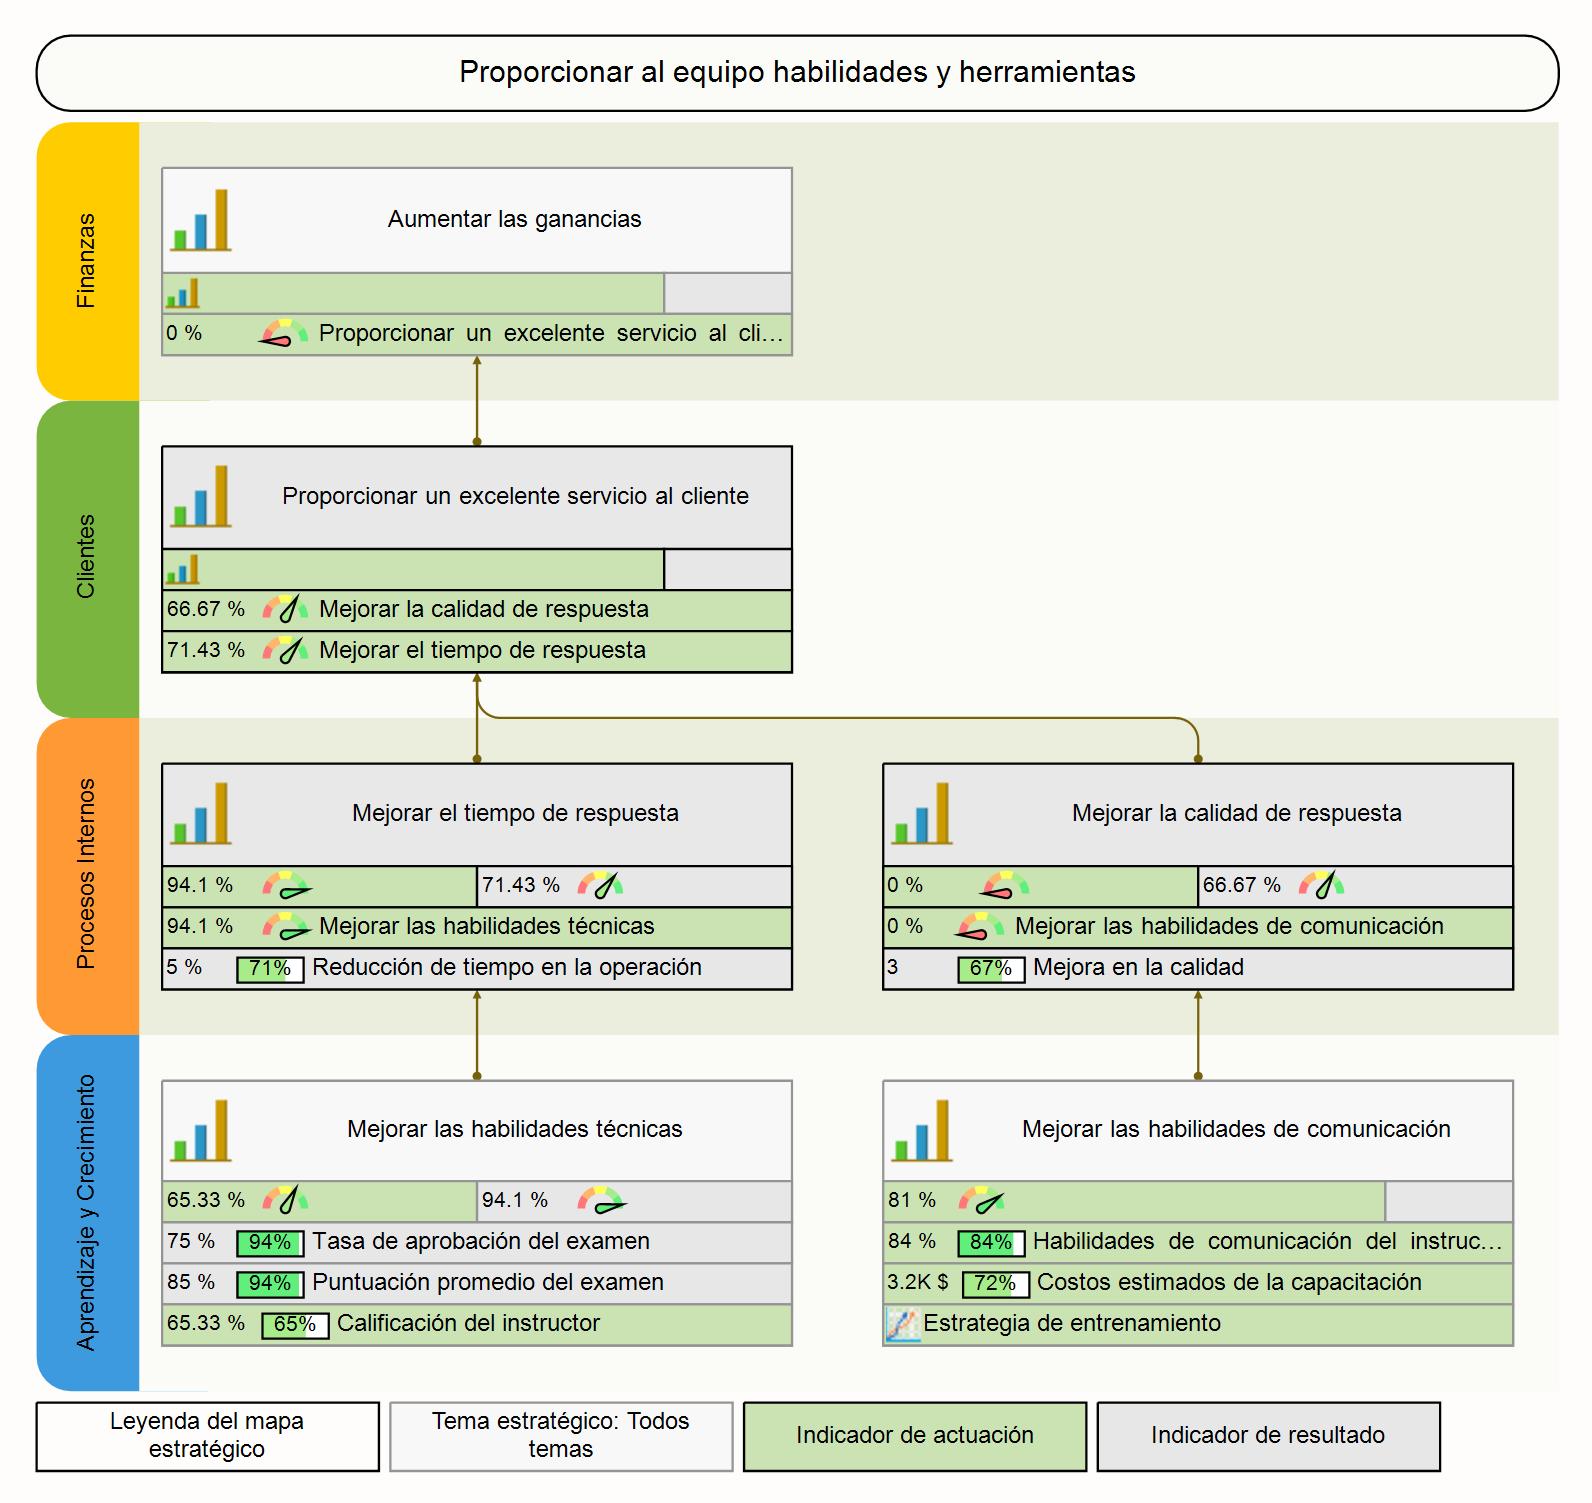 Alinear la capacitación con objetivos estratégicos formalizados en un mapa estratégico